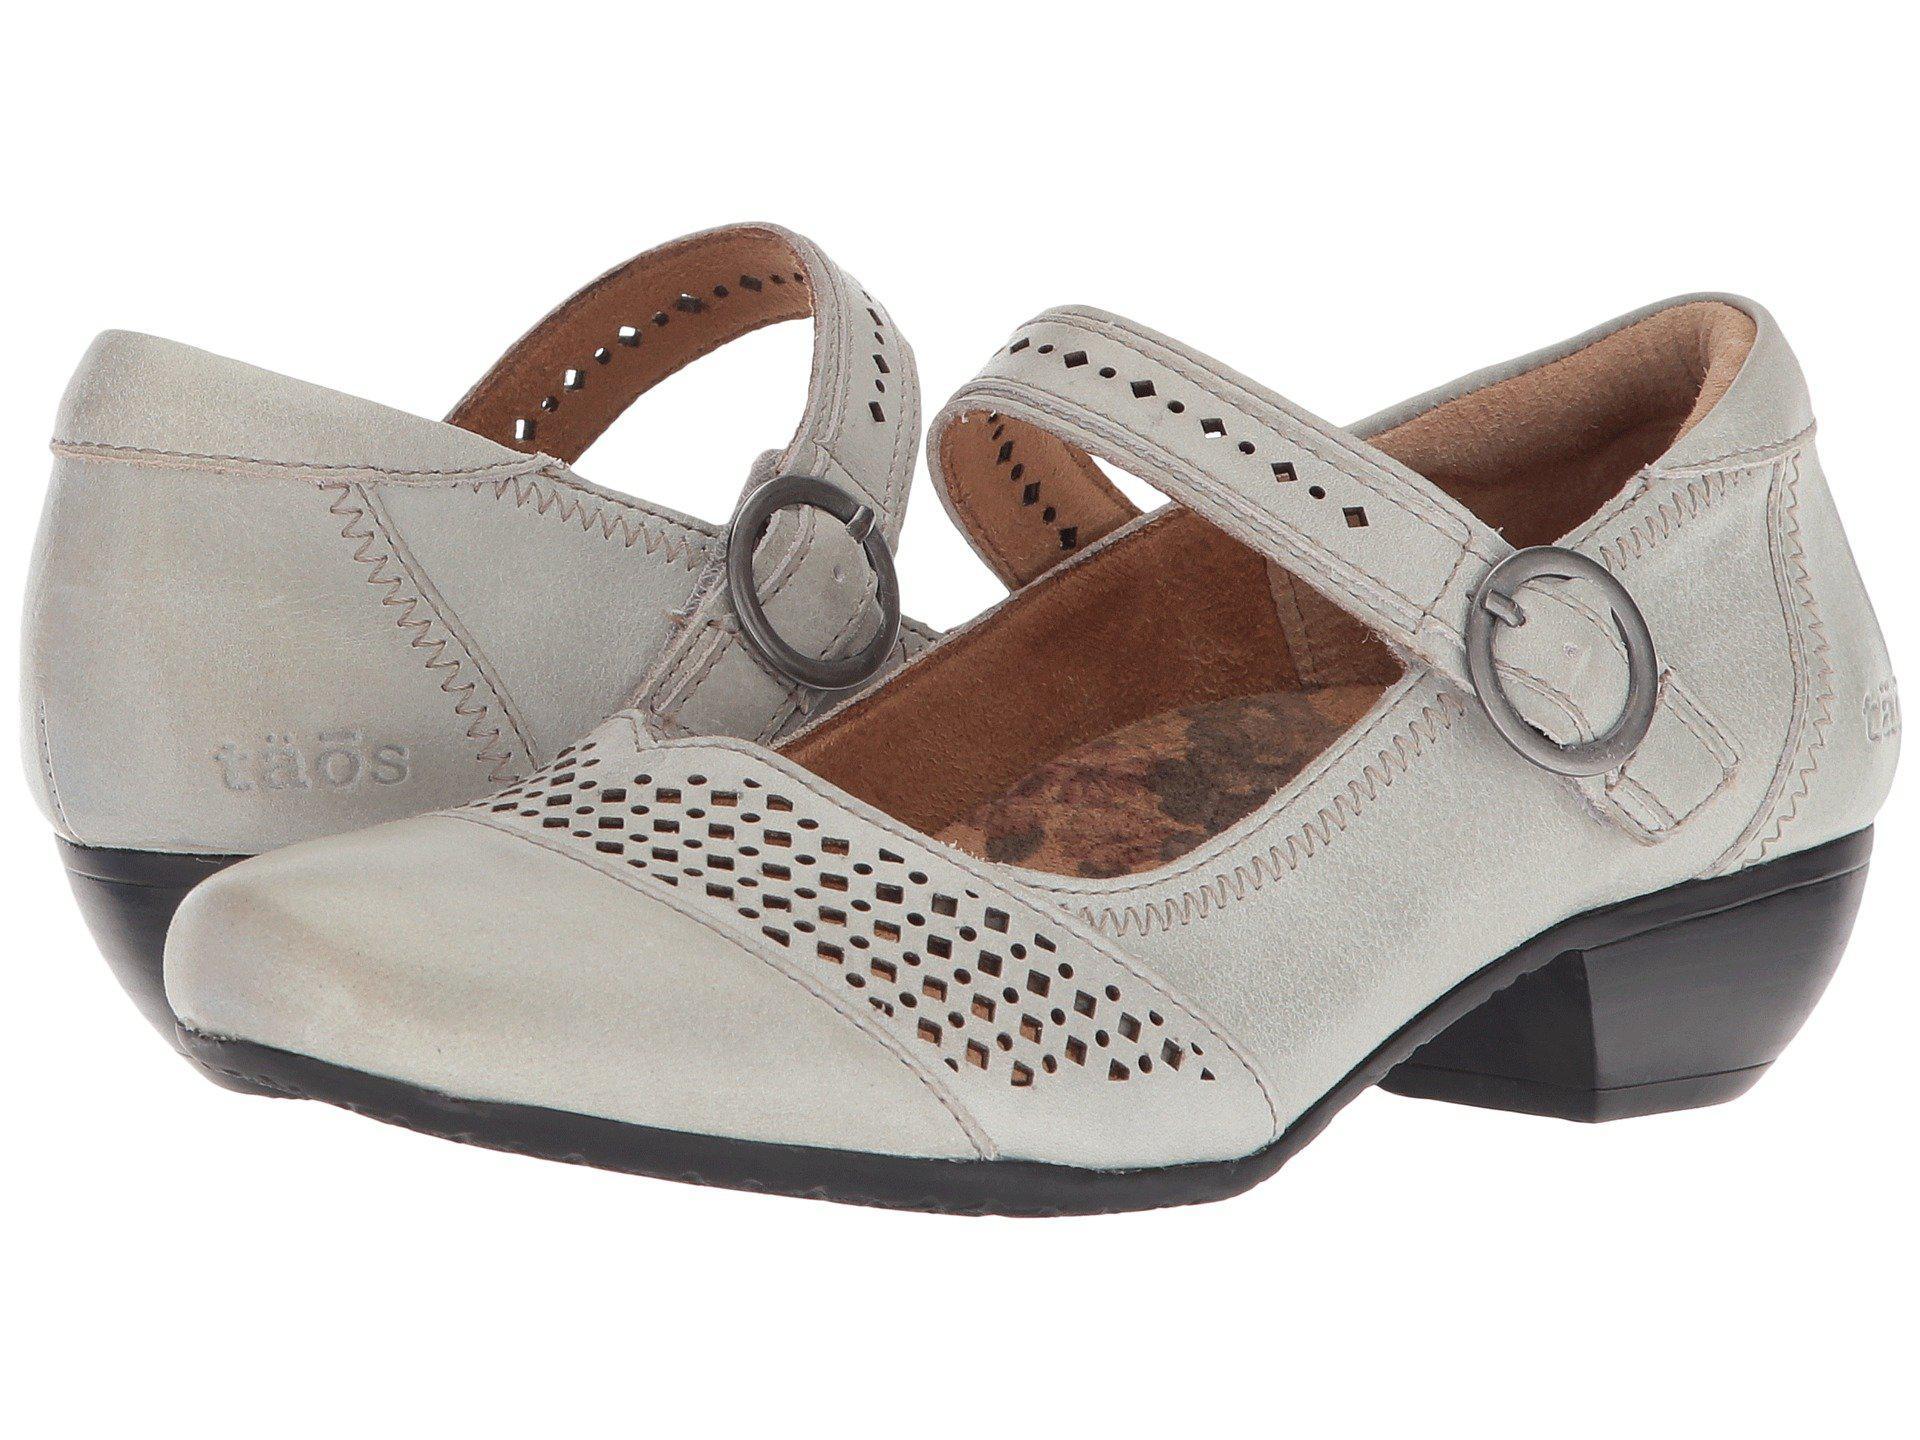 Dernières Collections À Vendre Taos Footwearesteem Sites De Prix Pas Cher Offre Magasin De Sortie IvZQNz